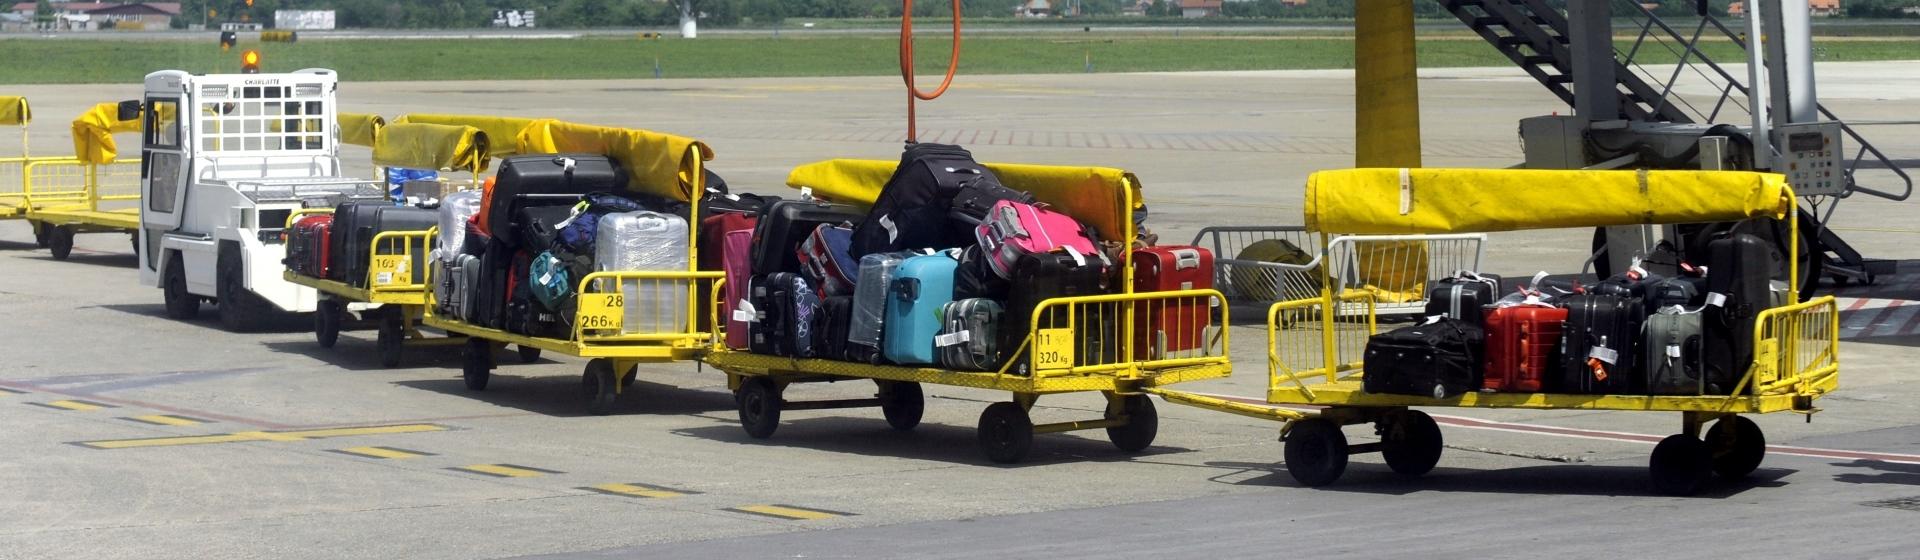 Baggage in Transit